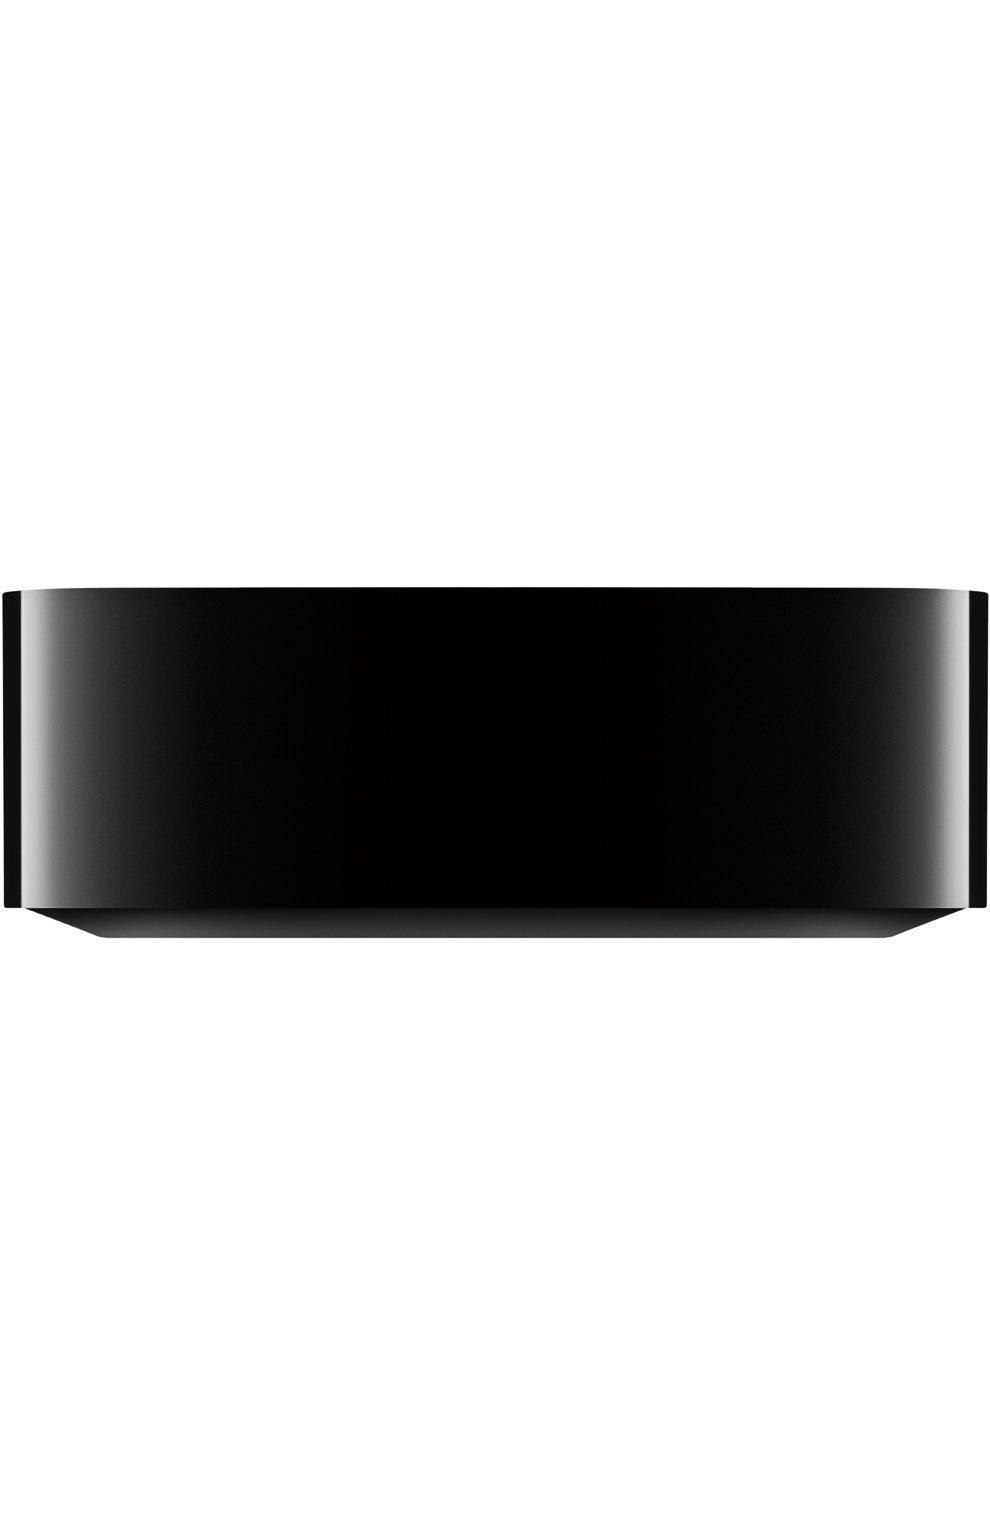 Телевизионная приставка Apple TV 4K 64GB Apple  | Фото №4